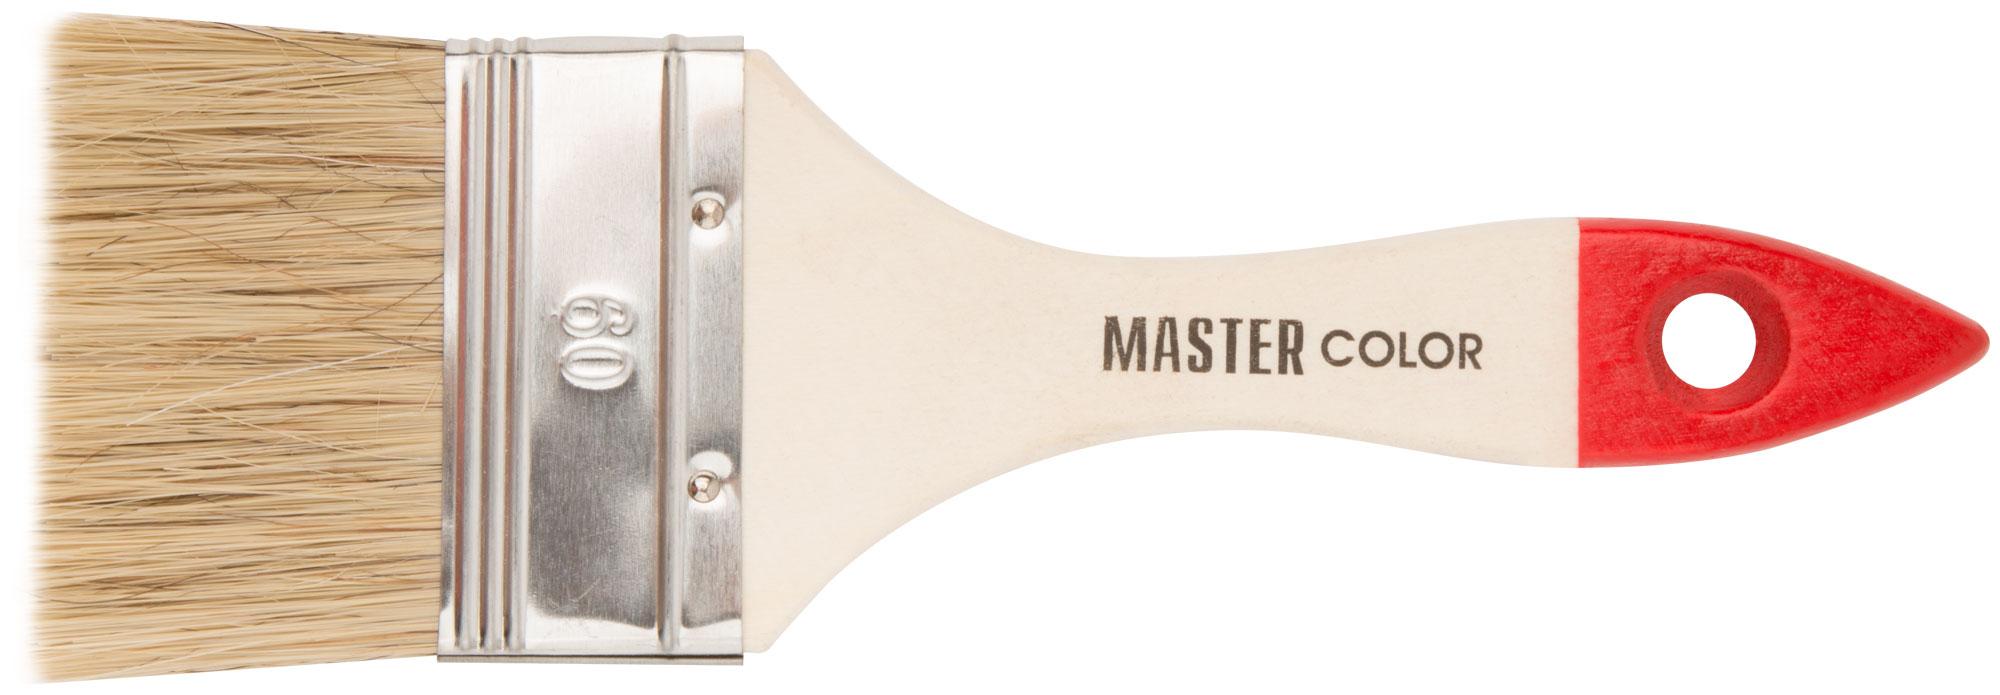 Кисть малярная флейцевая Master Color «Халяль» 30-0104 60 мм фото